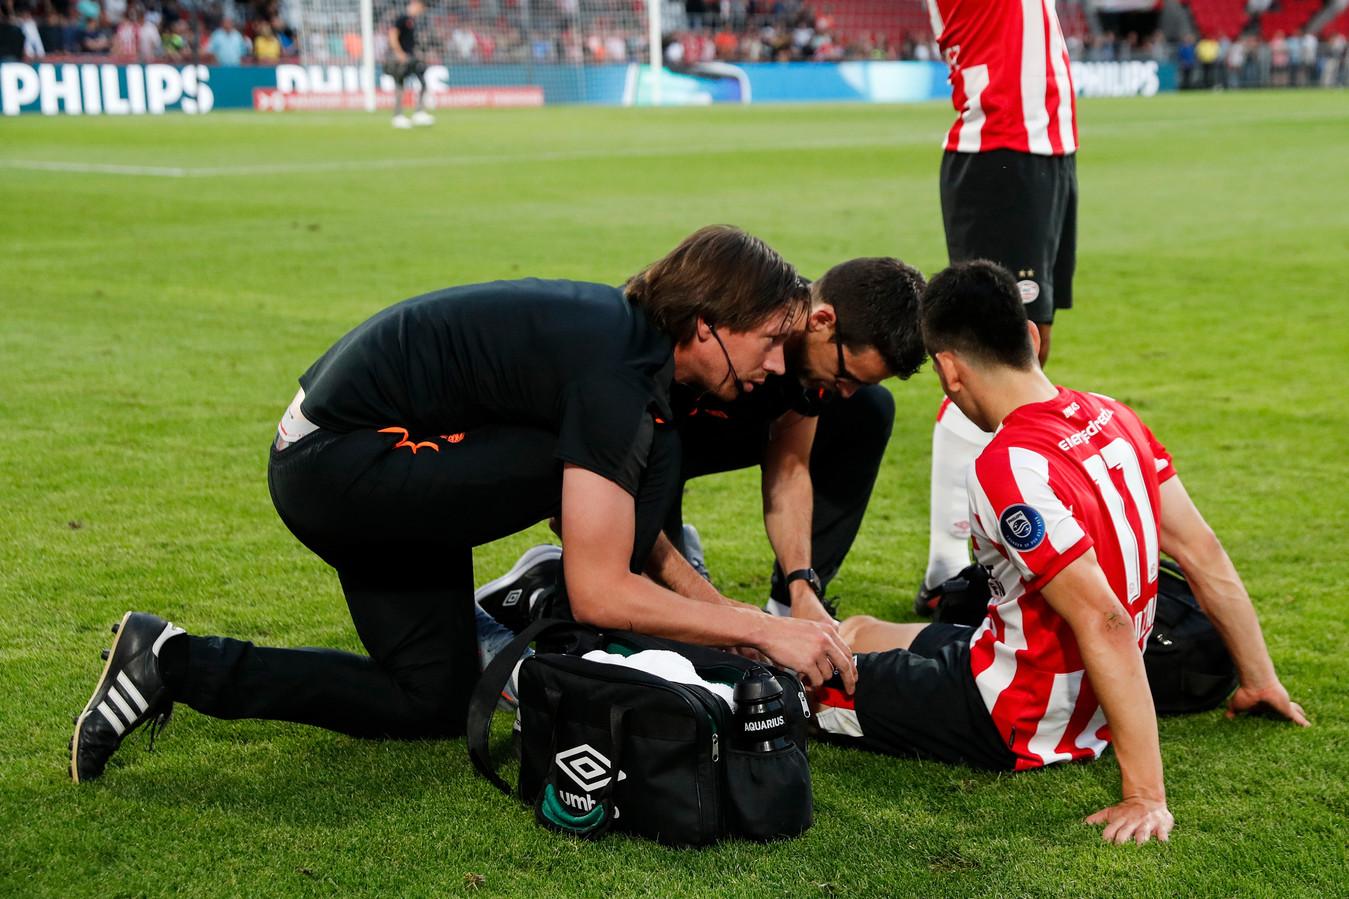 Hirving Lozano wordt in de slotfase van PSV-VfL Wolfsburg behandeld door de medische staf van PSV.